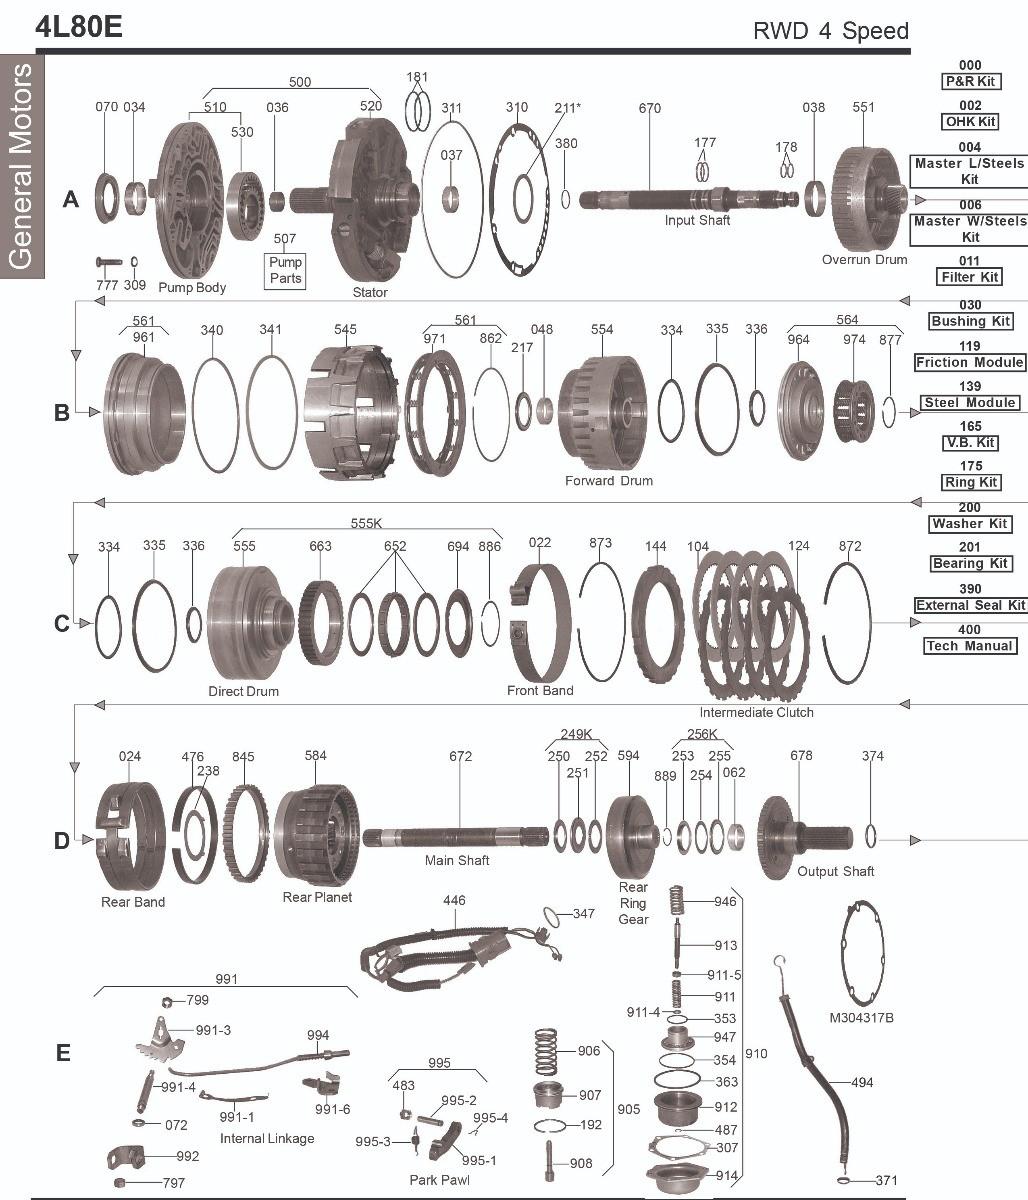 PISTON; 4L80E OVERRUN CLUTCH BONDED RUBBER 1991-UP